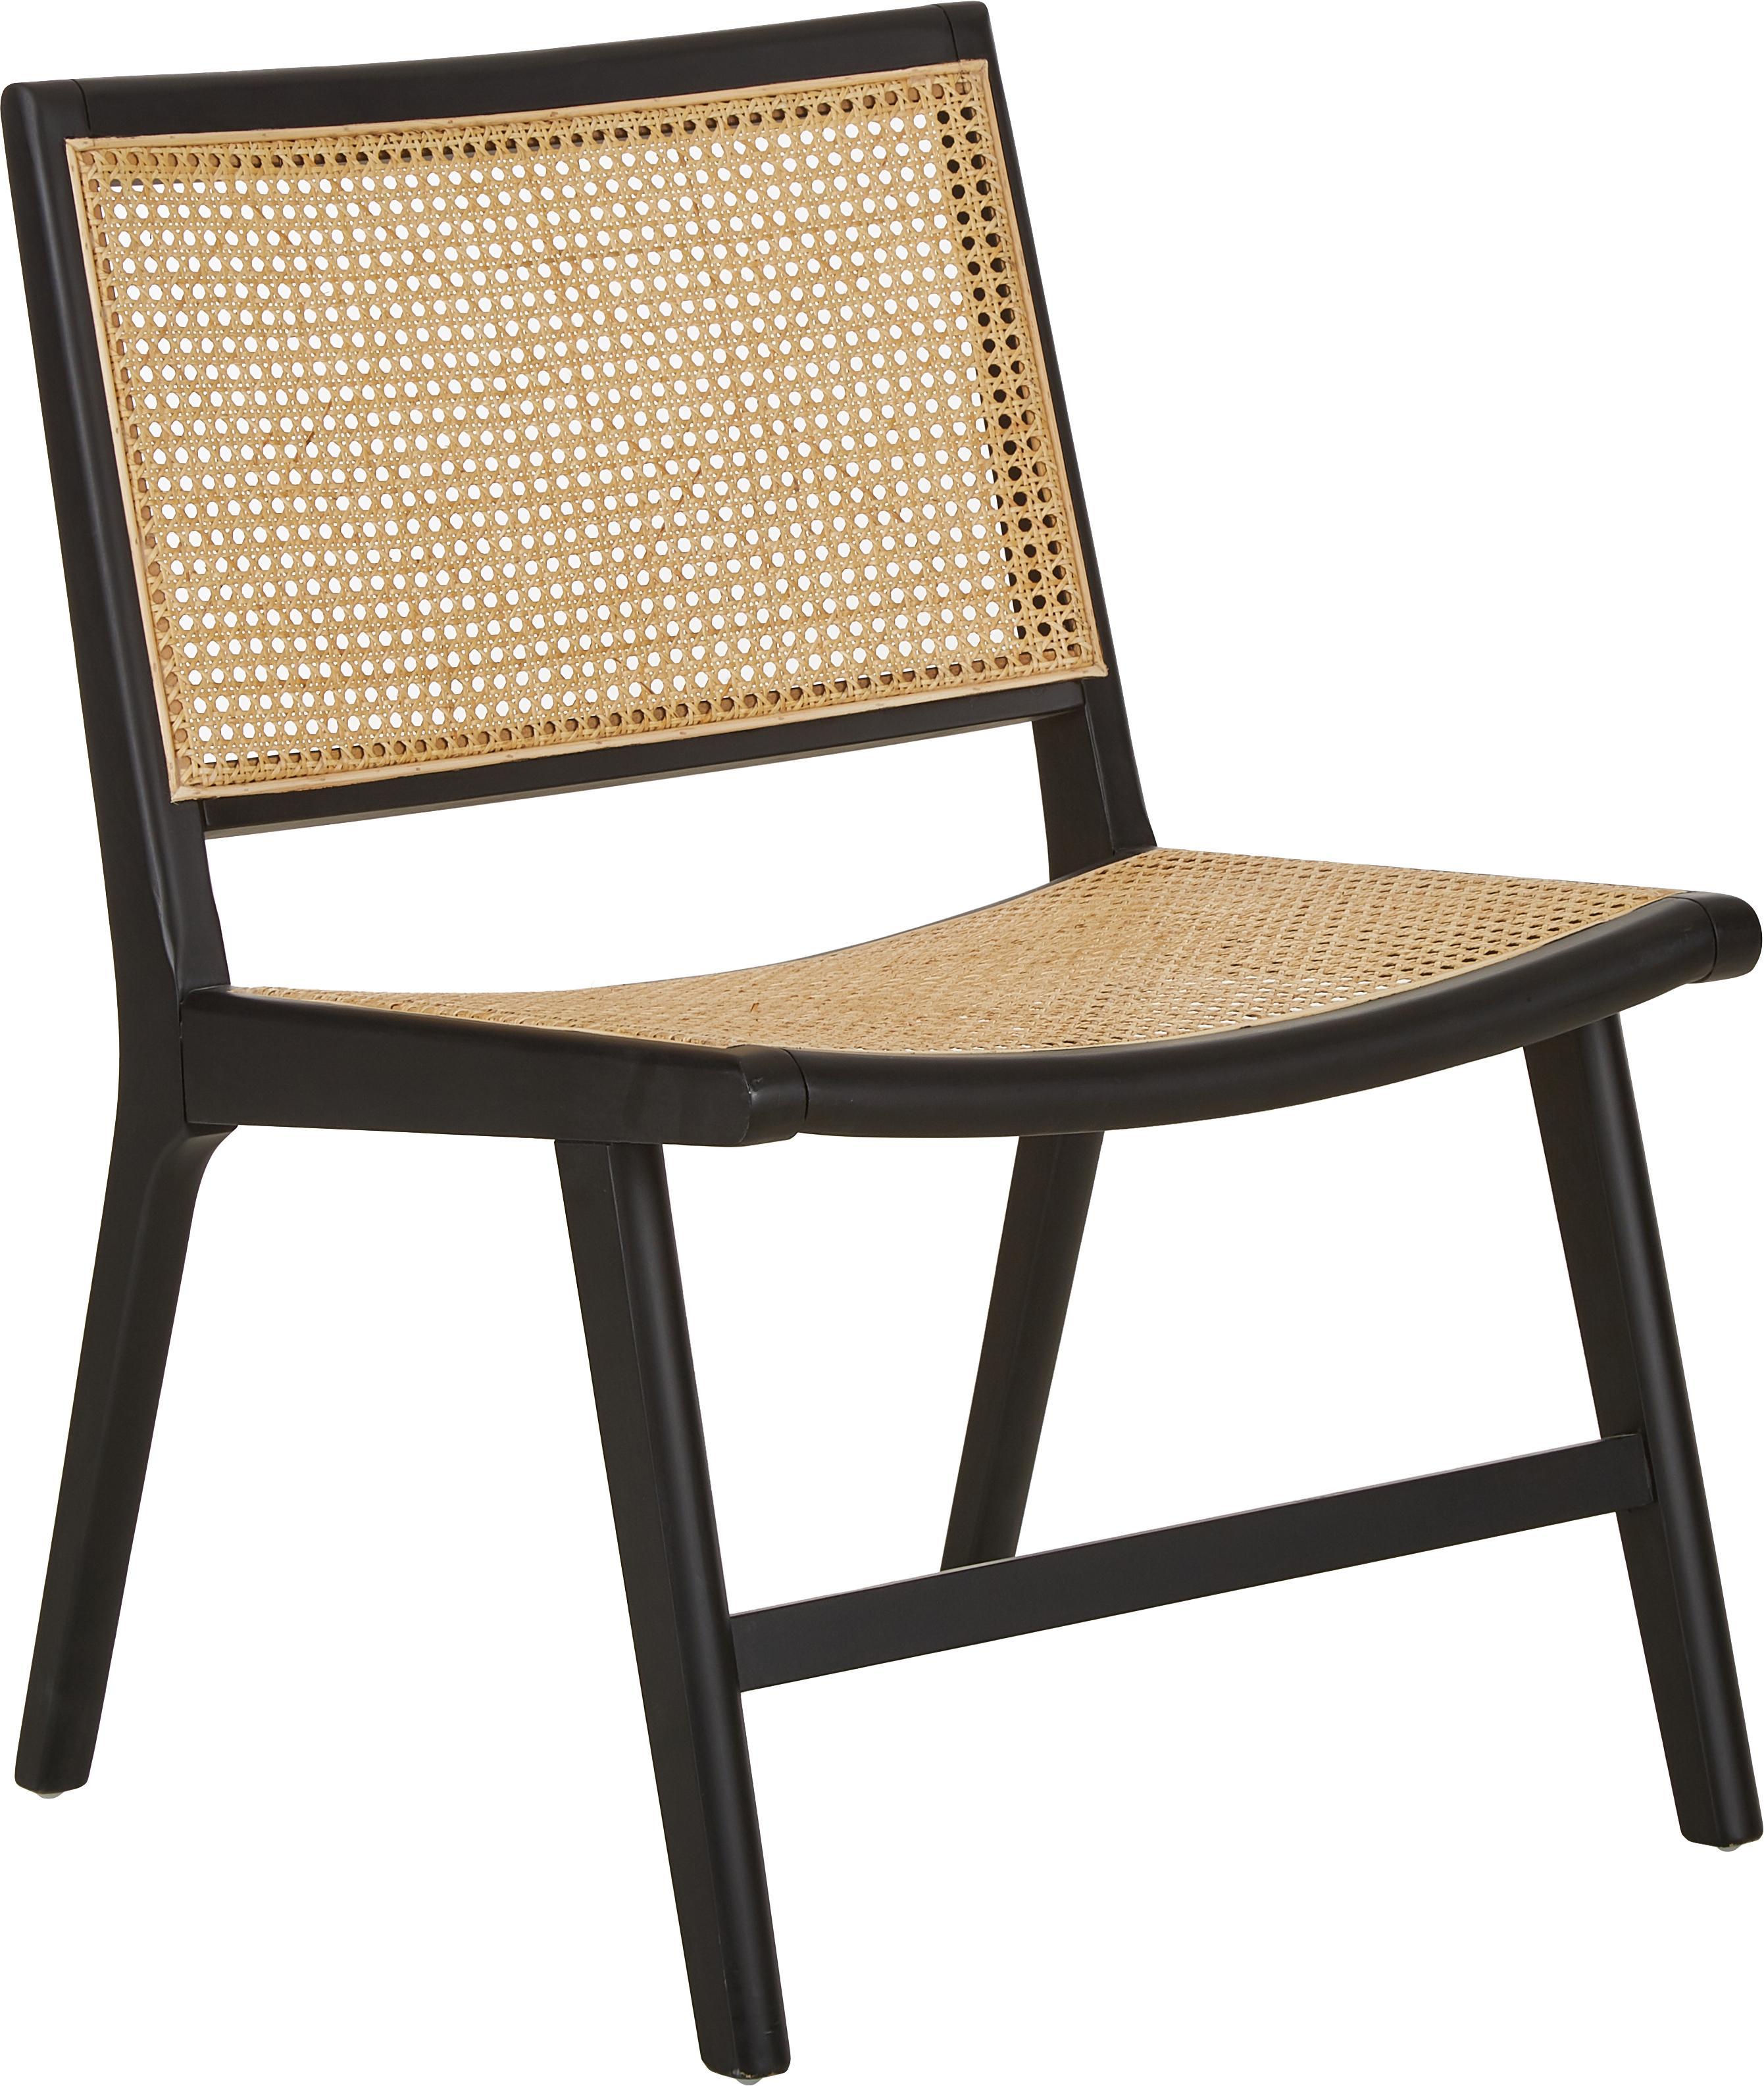 Sedia a poltrona con intreccio viennese Franz, Seduta: rattan, Struttura: legno di betulla massicci, Seduta: rattan Struttura: nero verniciato, Larg. 57 x Prof. 66 cm